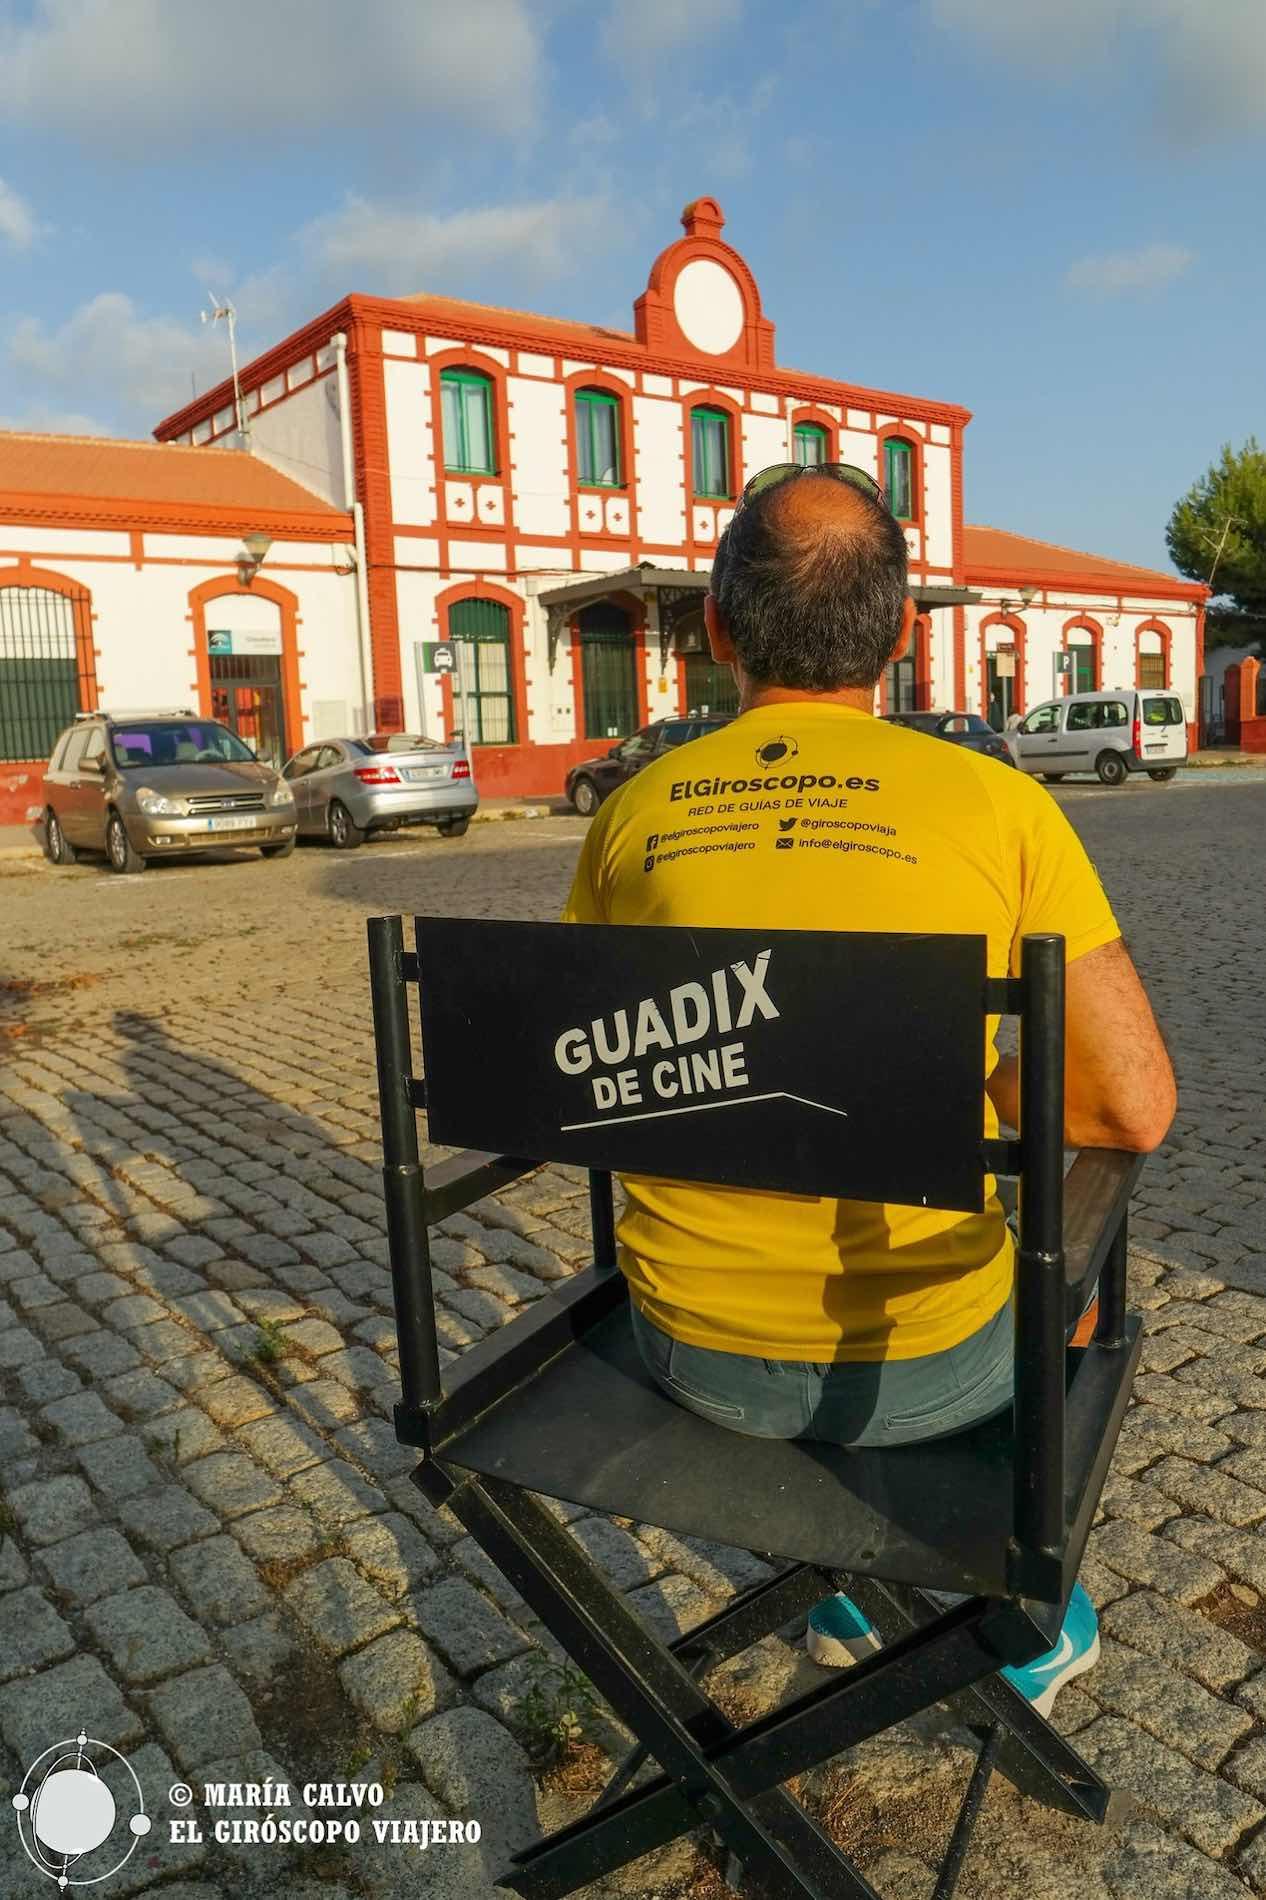 Estación de tren de Guadix, donde se rodó Indiana Jones y la Ultima Cruzada. ©María Calvo